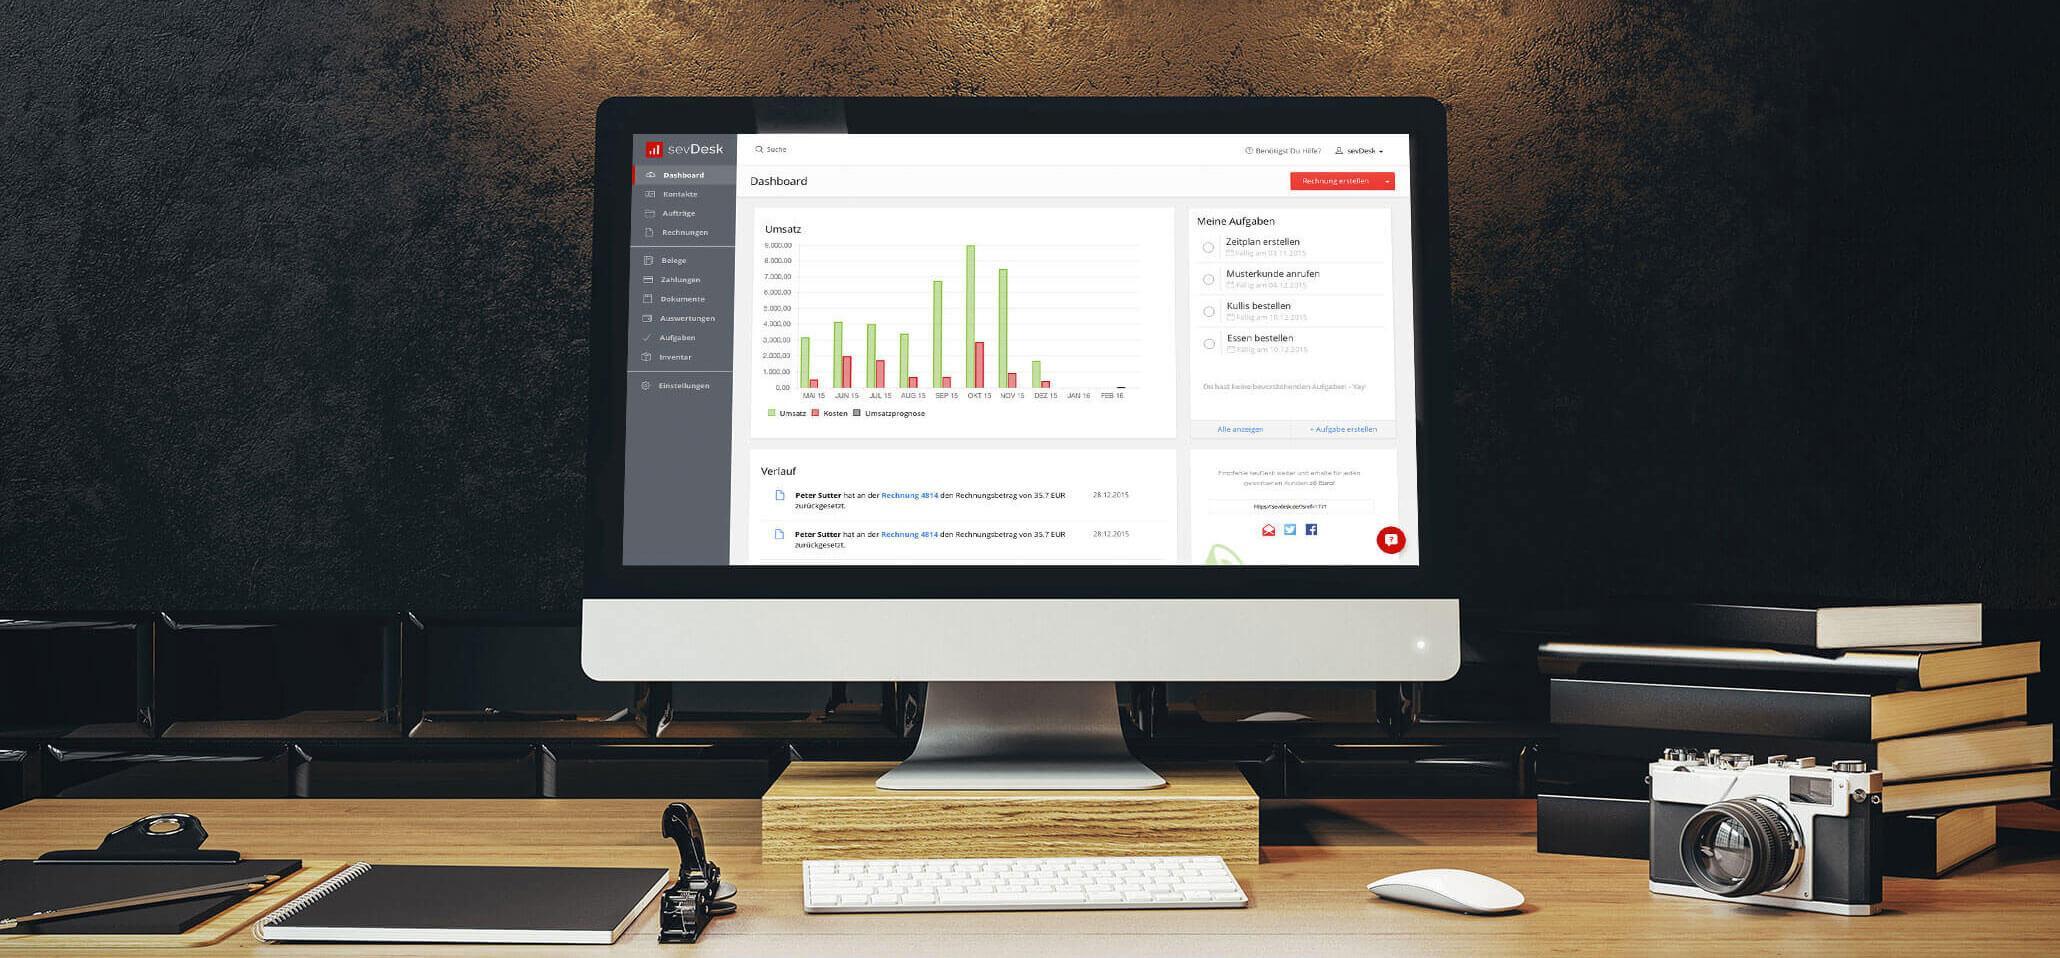 Bewertungen sevDesk: Online Buchhaltung, intuitiv und sicher - appvizer